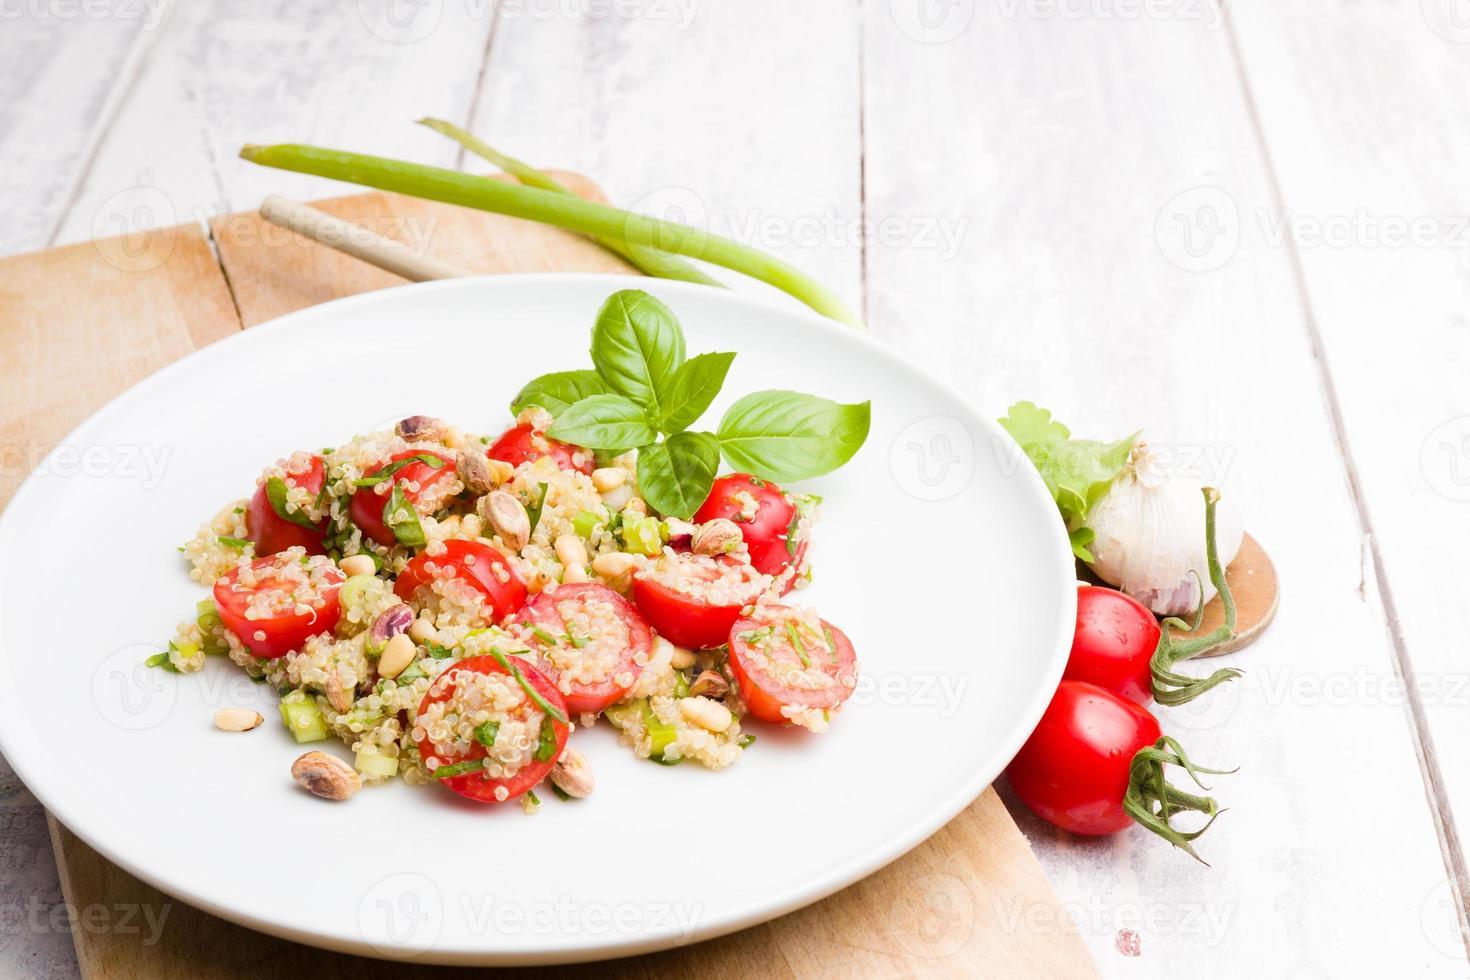 piatto di insalata di quinoa vegetariano su fondo di legno bianco foto